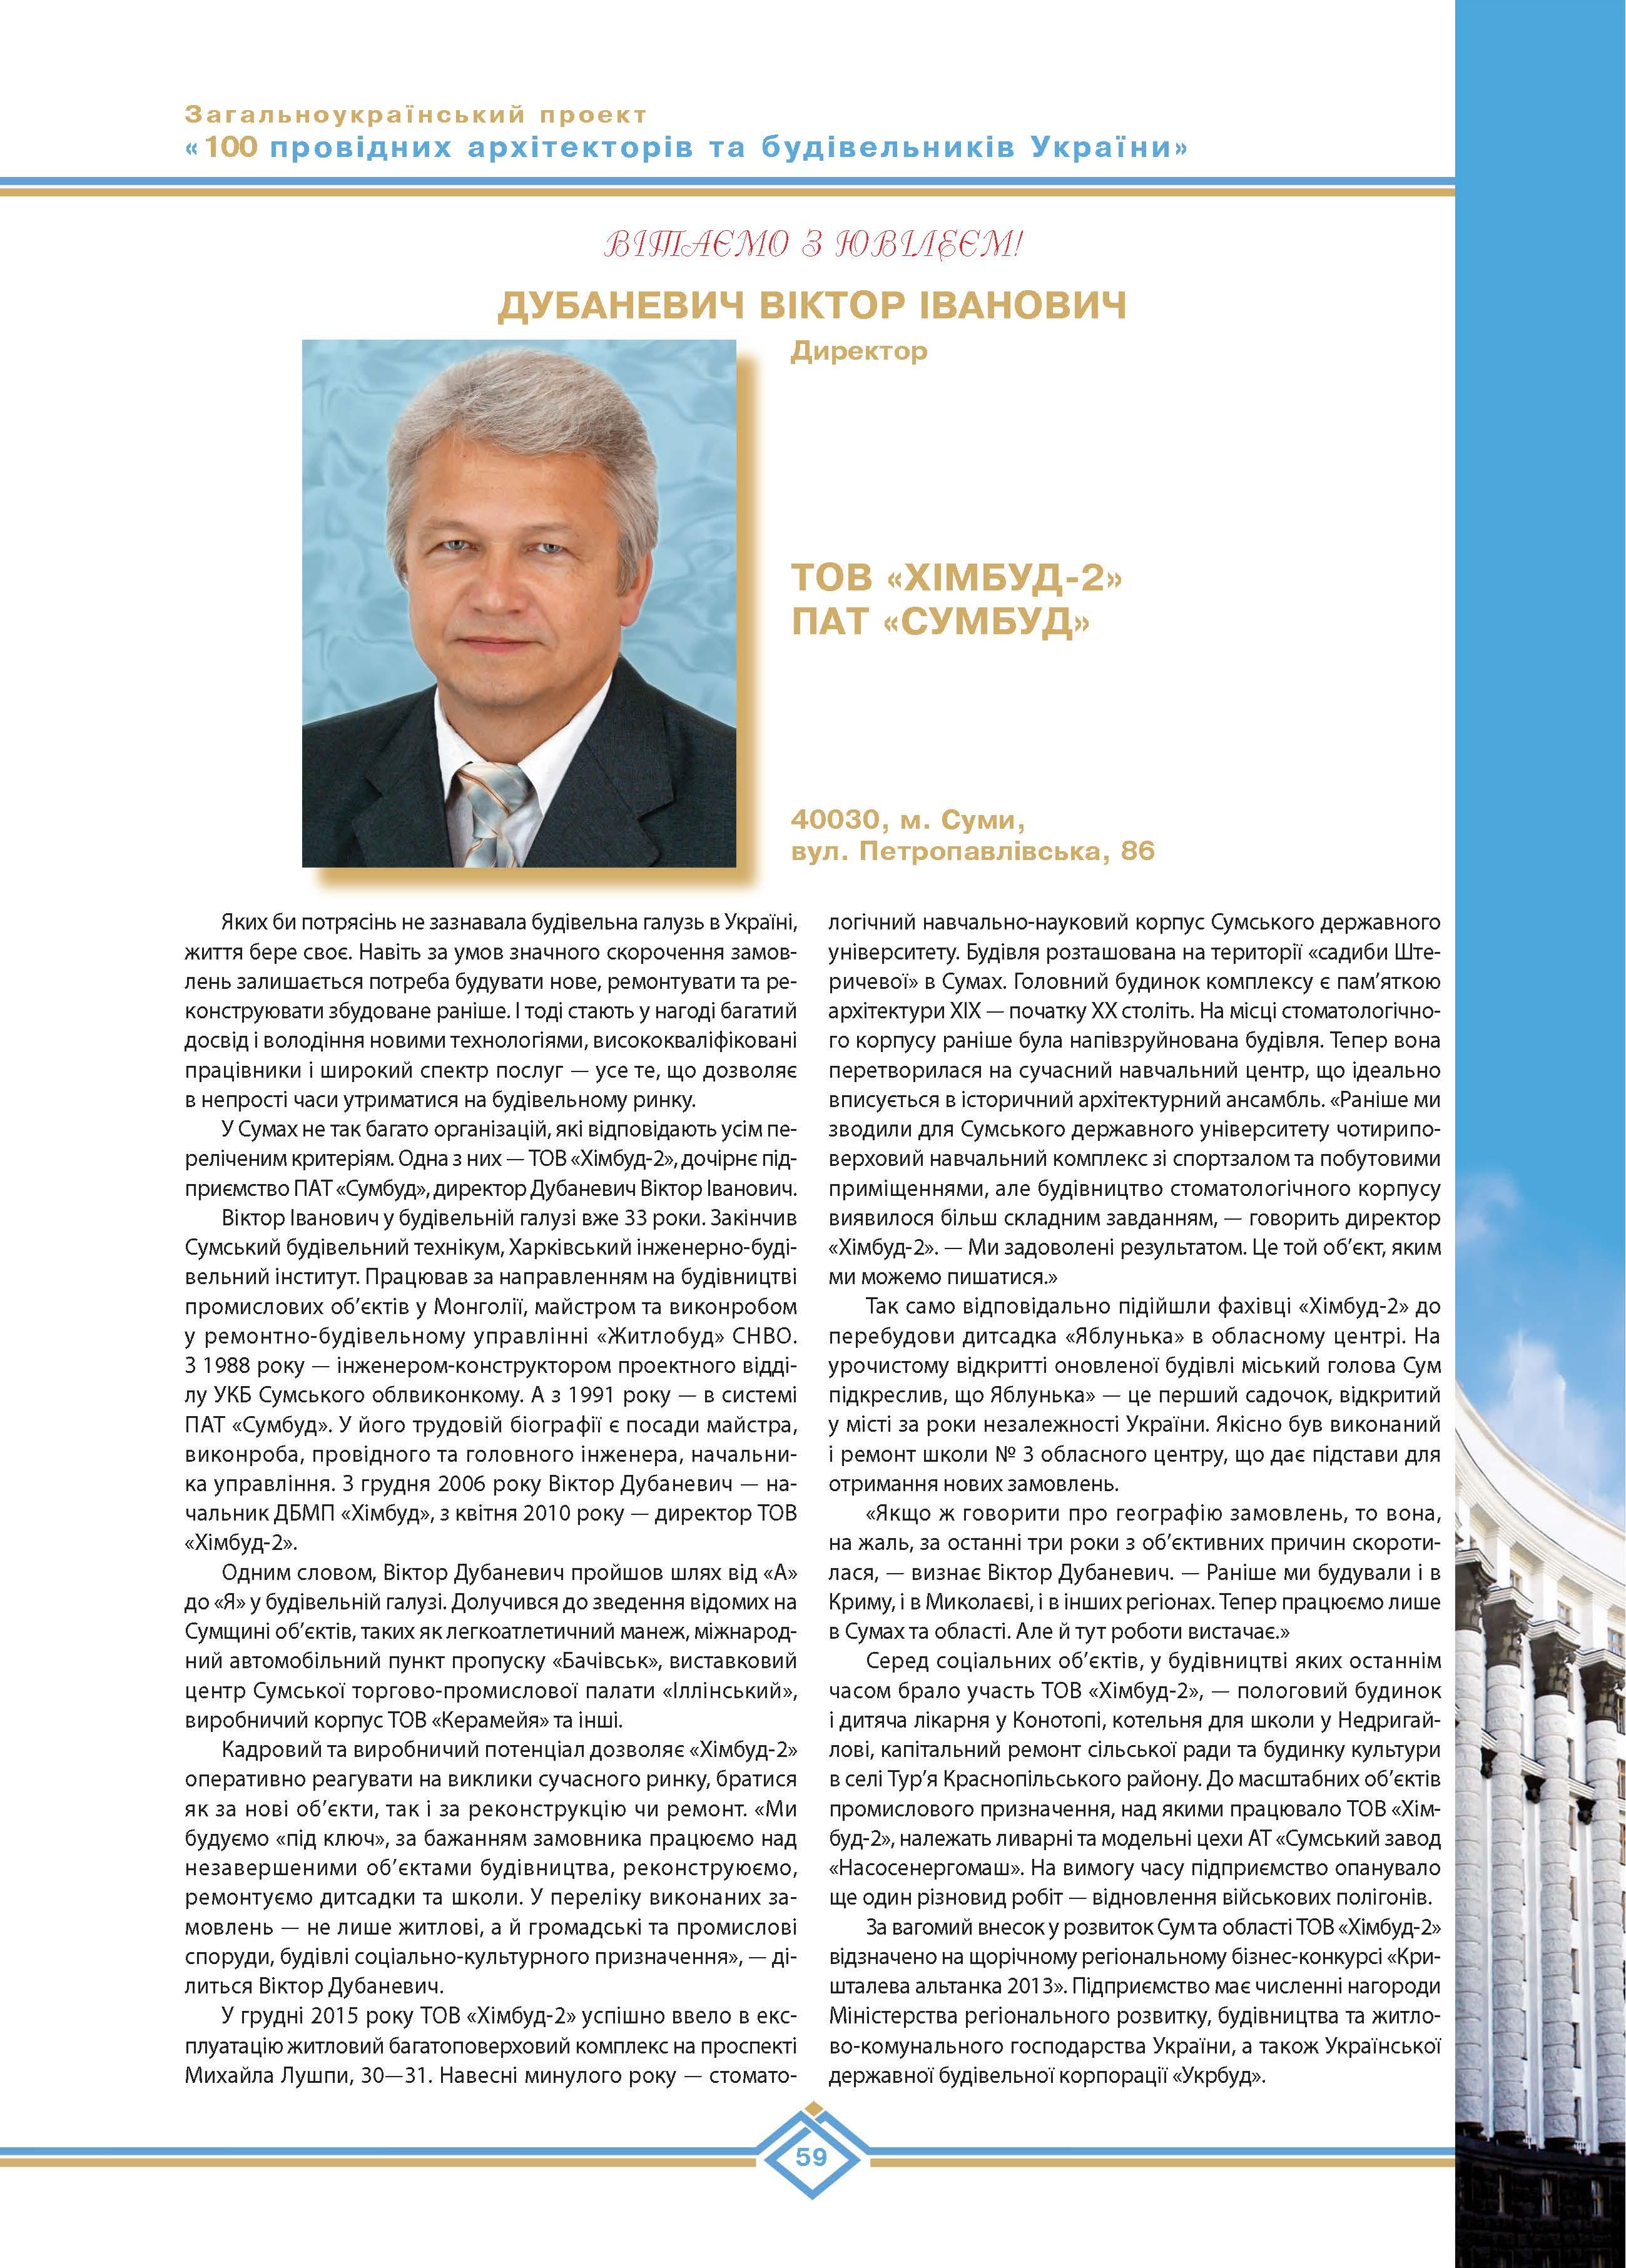 Дубаневич Віктор Іванович